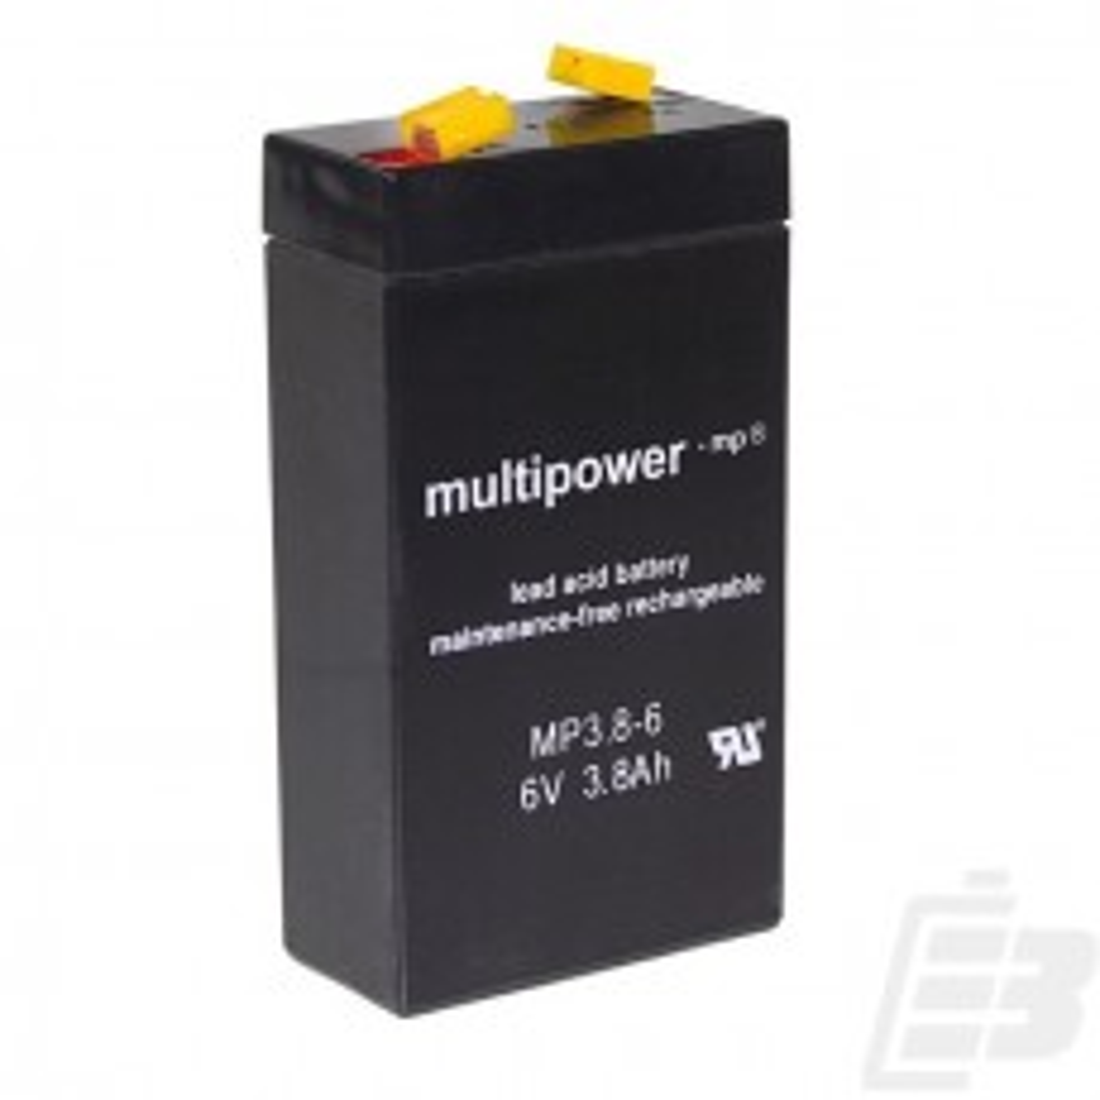 Μπαταρια Μολυβδου Multipower 6V 3,8Ah